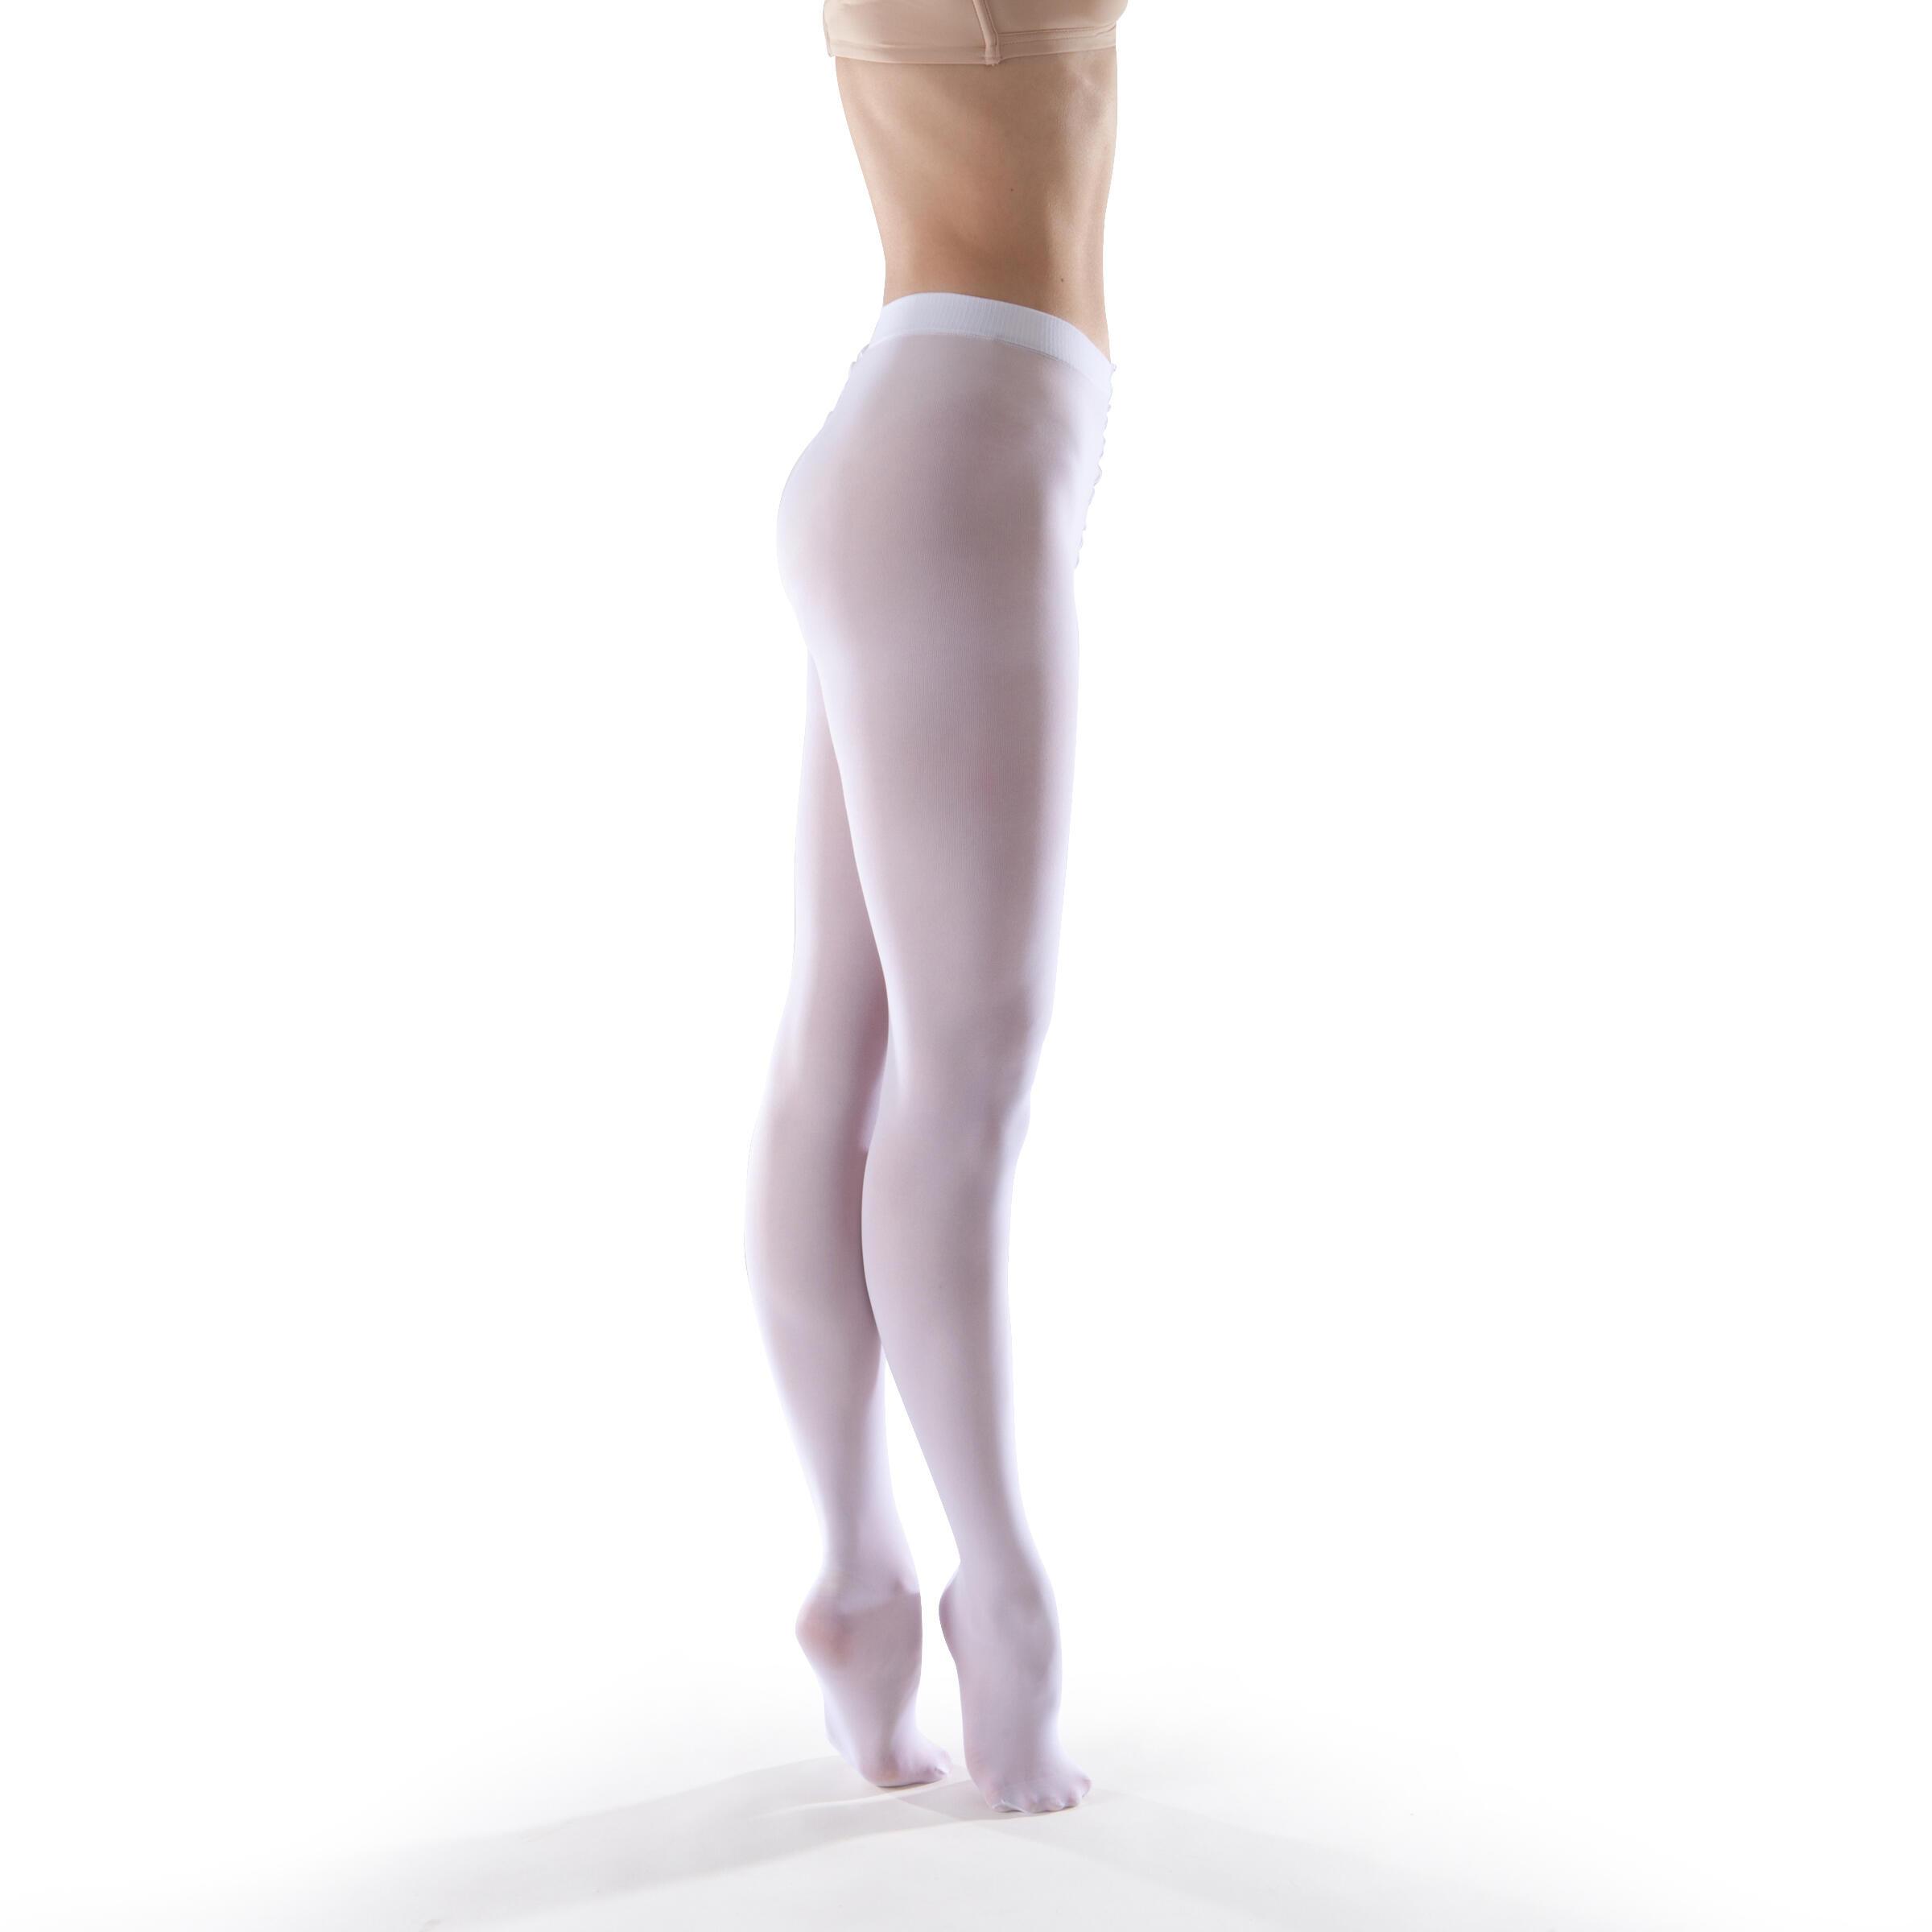 Domyos Balletmaillot voor meisjes wit